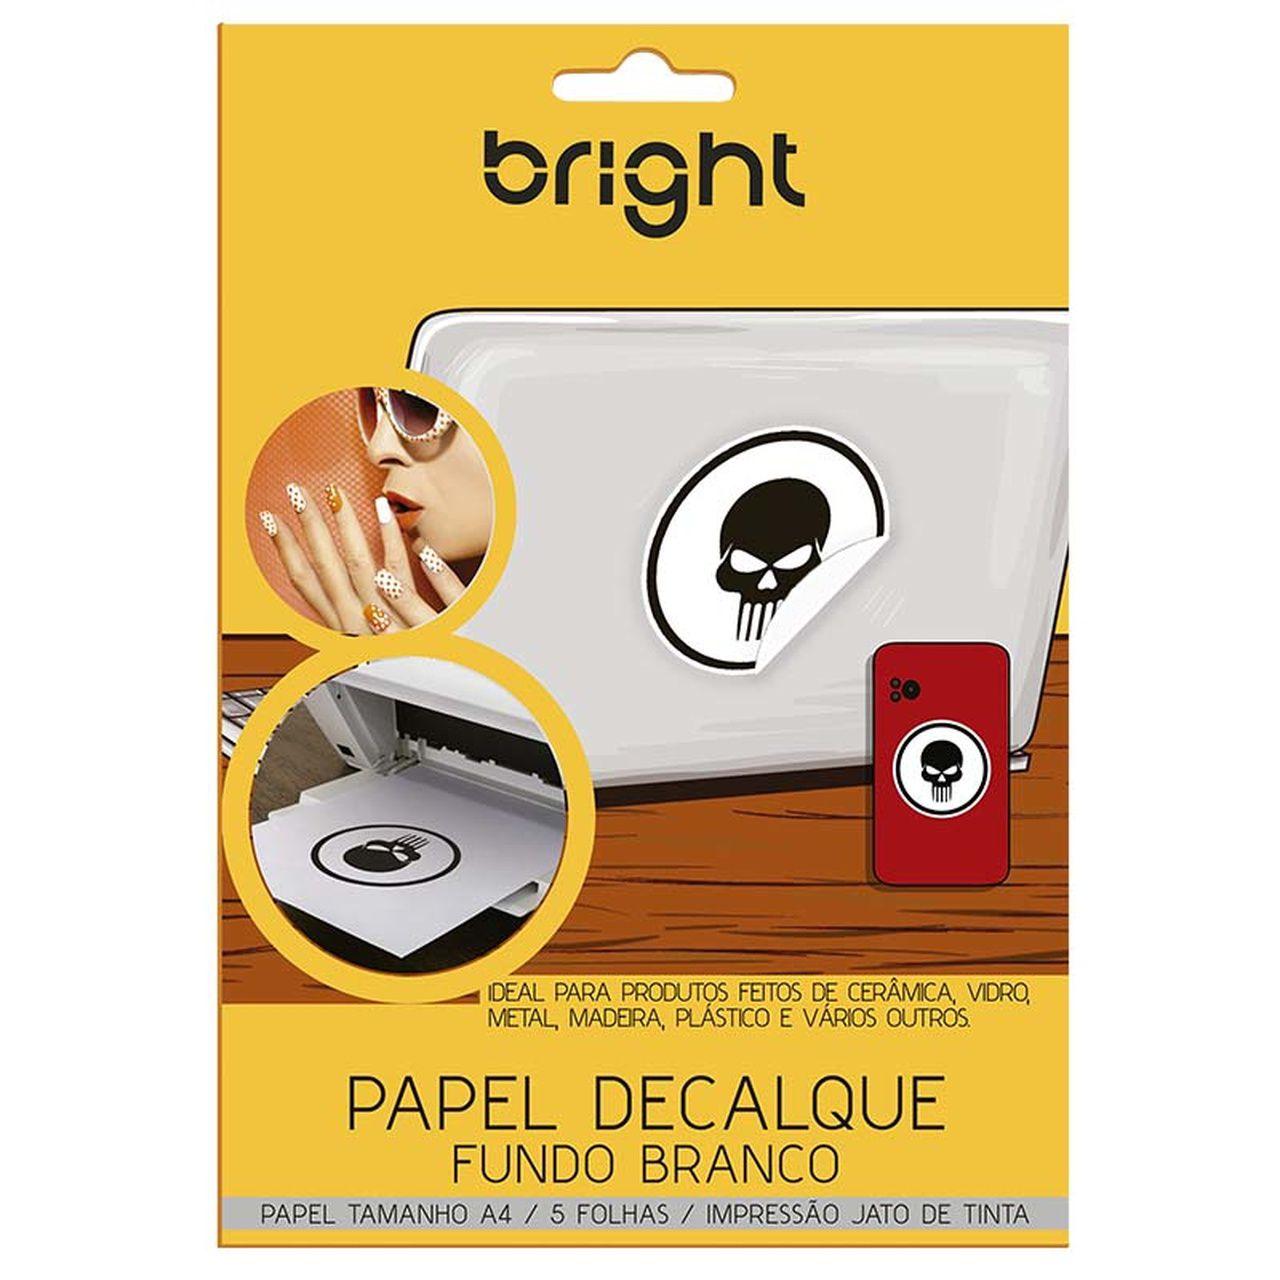 Papel Decalque Fundo Branco 5 Folhas A4 522 - Bright